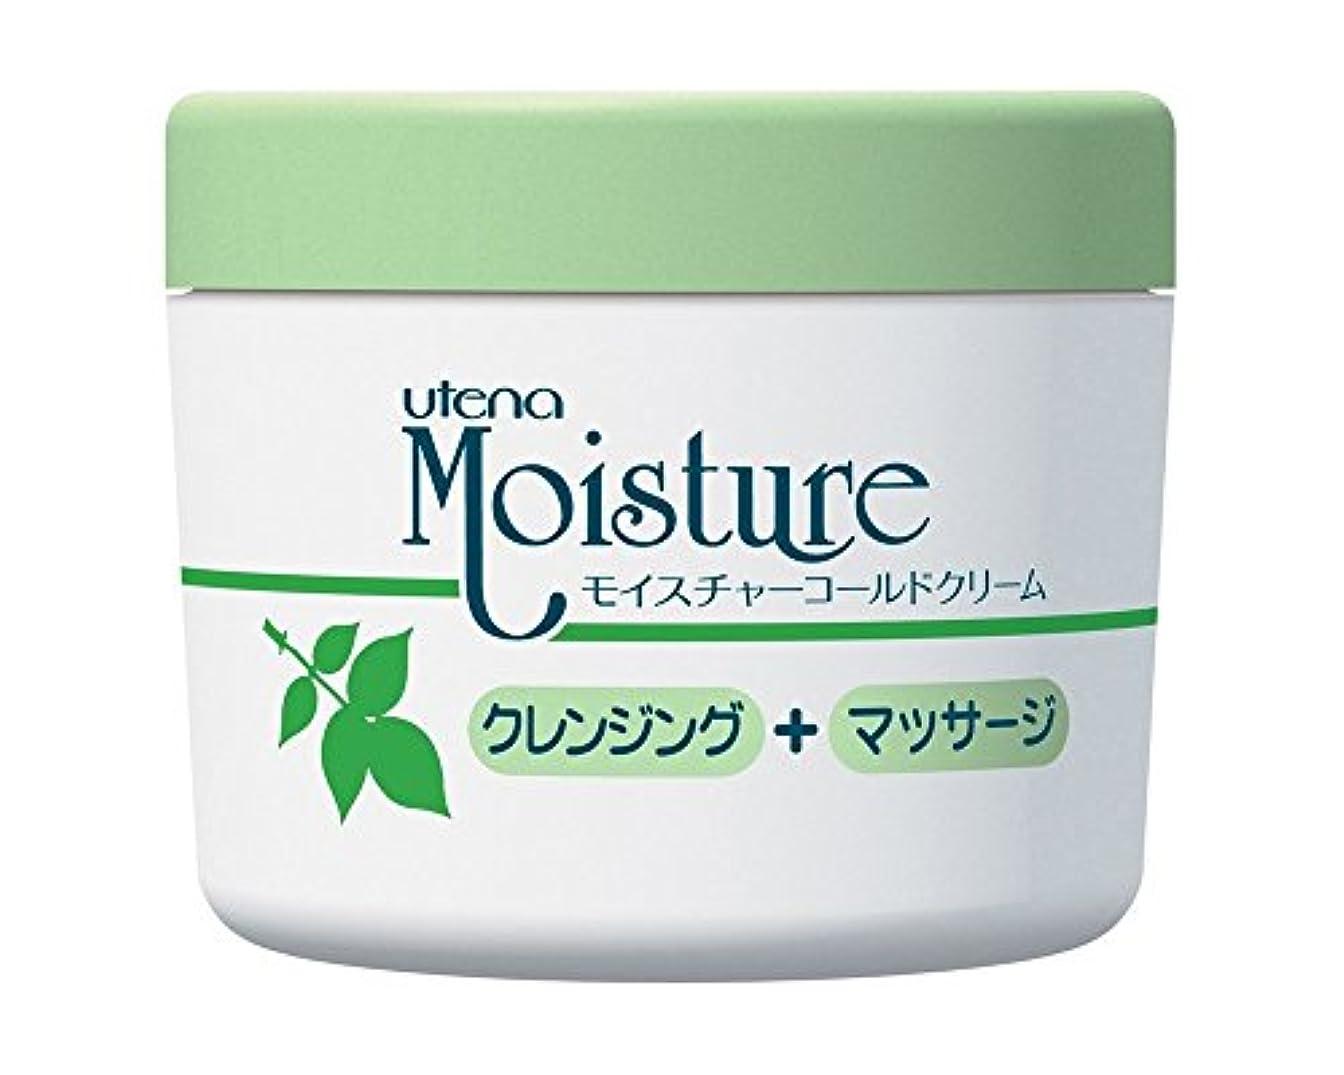 寝室を掃除するユーザー合金ウテナ モイスチャーコールドクリーム (洗い流し?ふきとり両用タイプ) 250g